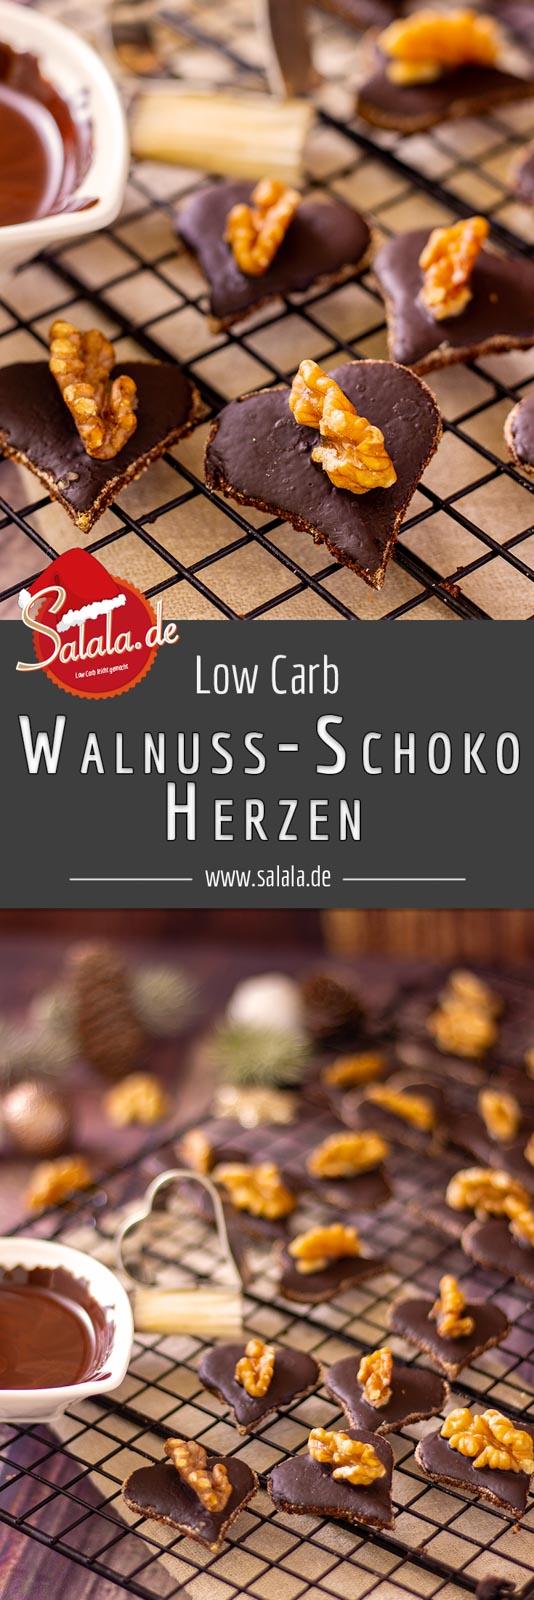 Walnuss-Schokoladen-Herzen - by salala.de - Weihnachtsplätzchen ohne Mehl und Zucker I Low Carb Rezept mit ganzen Walnüssen #plätzchen #walnussplätzchen #kokosmehl #lowcarbrezepte #lowcarbbacken #backen #weihnachtsplätzchen #glutenfrei #ohnezucker #backenohnezucker